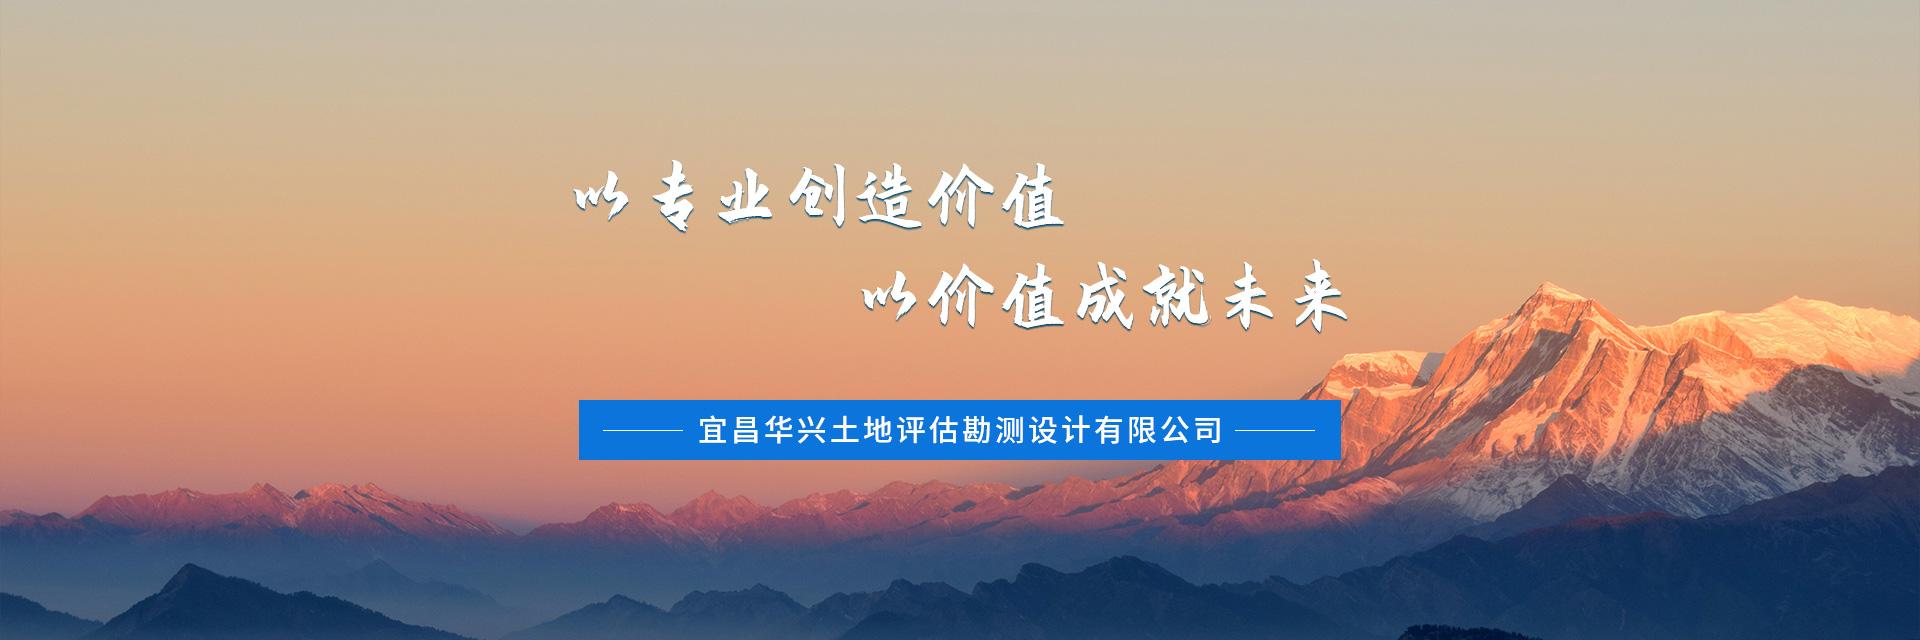 湖北亿博手机端app下载安装工程